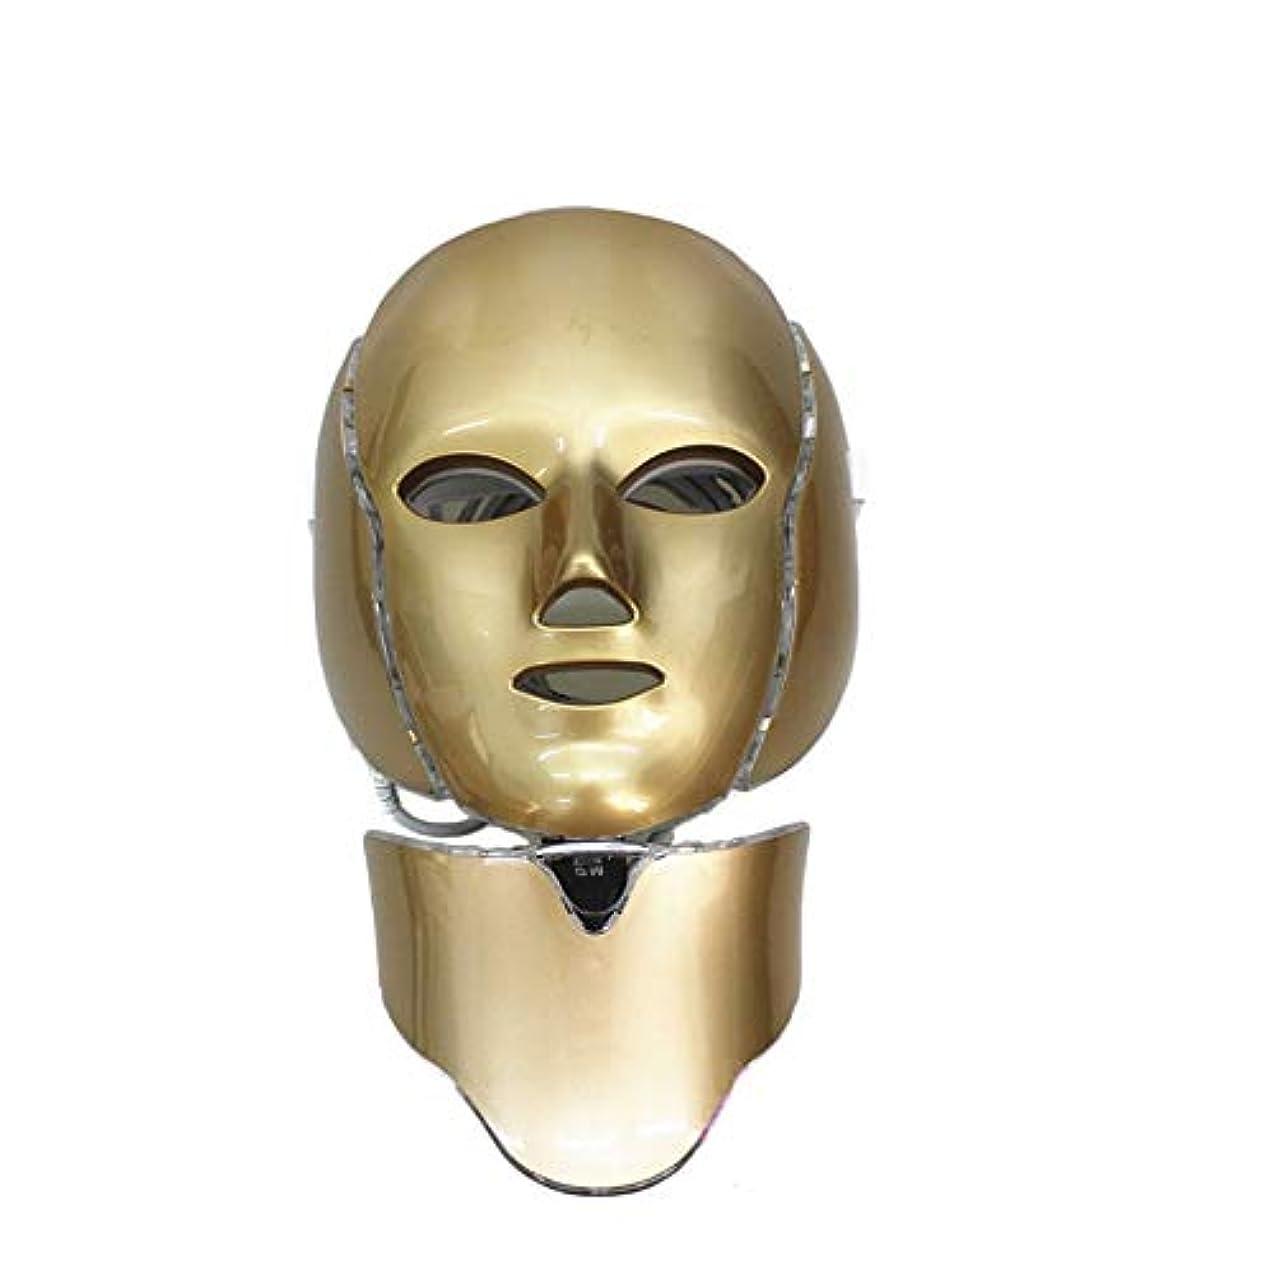 温室タヒチ屋内ライトセラピー?マスク、ライトセラピーの7色フェイシャルマスクセラピー光子は、にきびスポットリンクル傷を硬化、フェイススキンケア若返りのためのアンチエイジングスキンマスクLEDネックにきび治療をマスク (Color :...